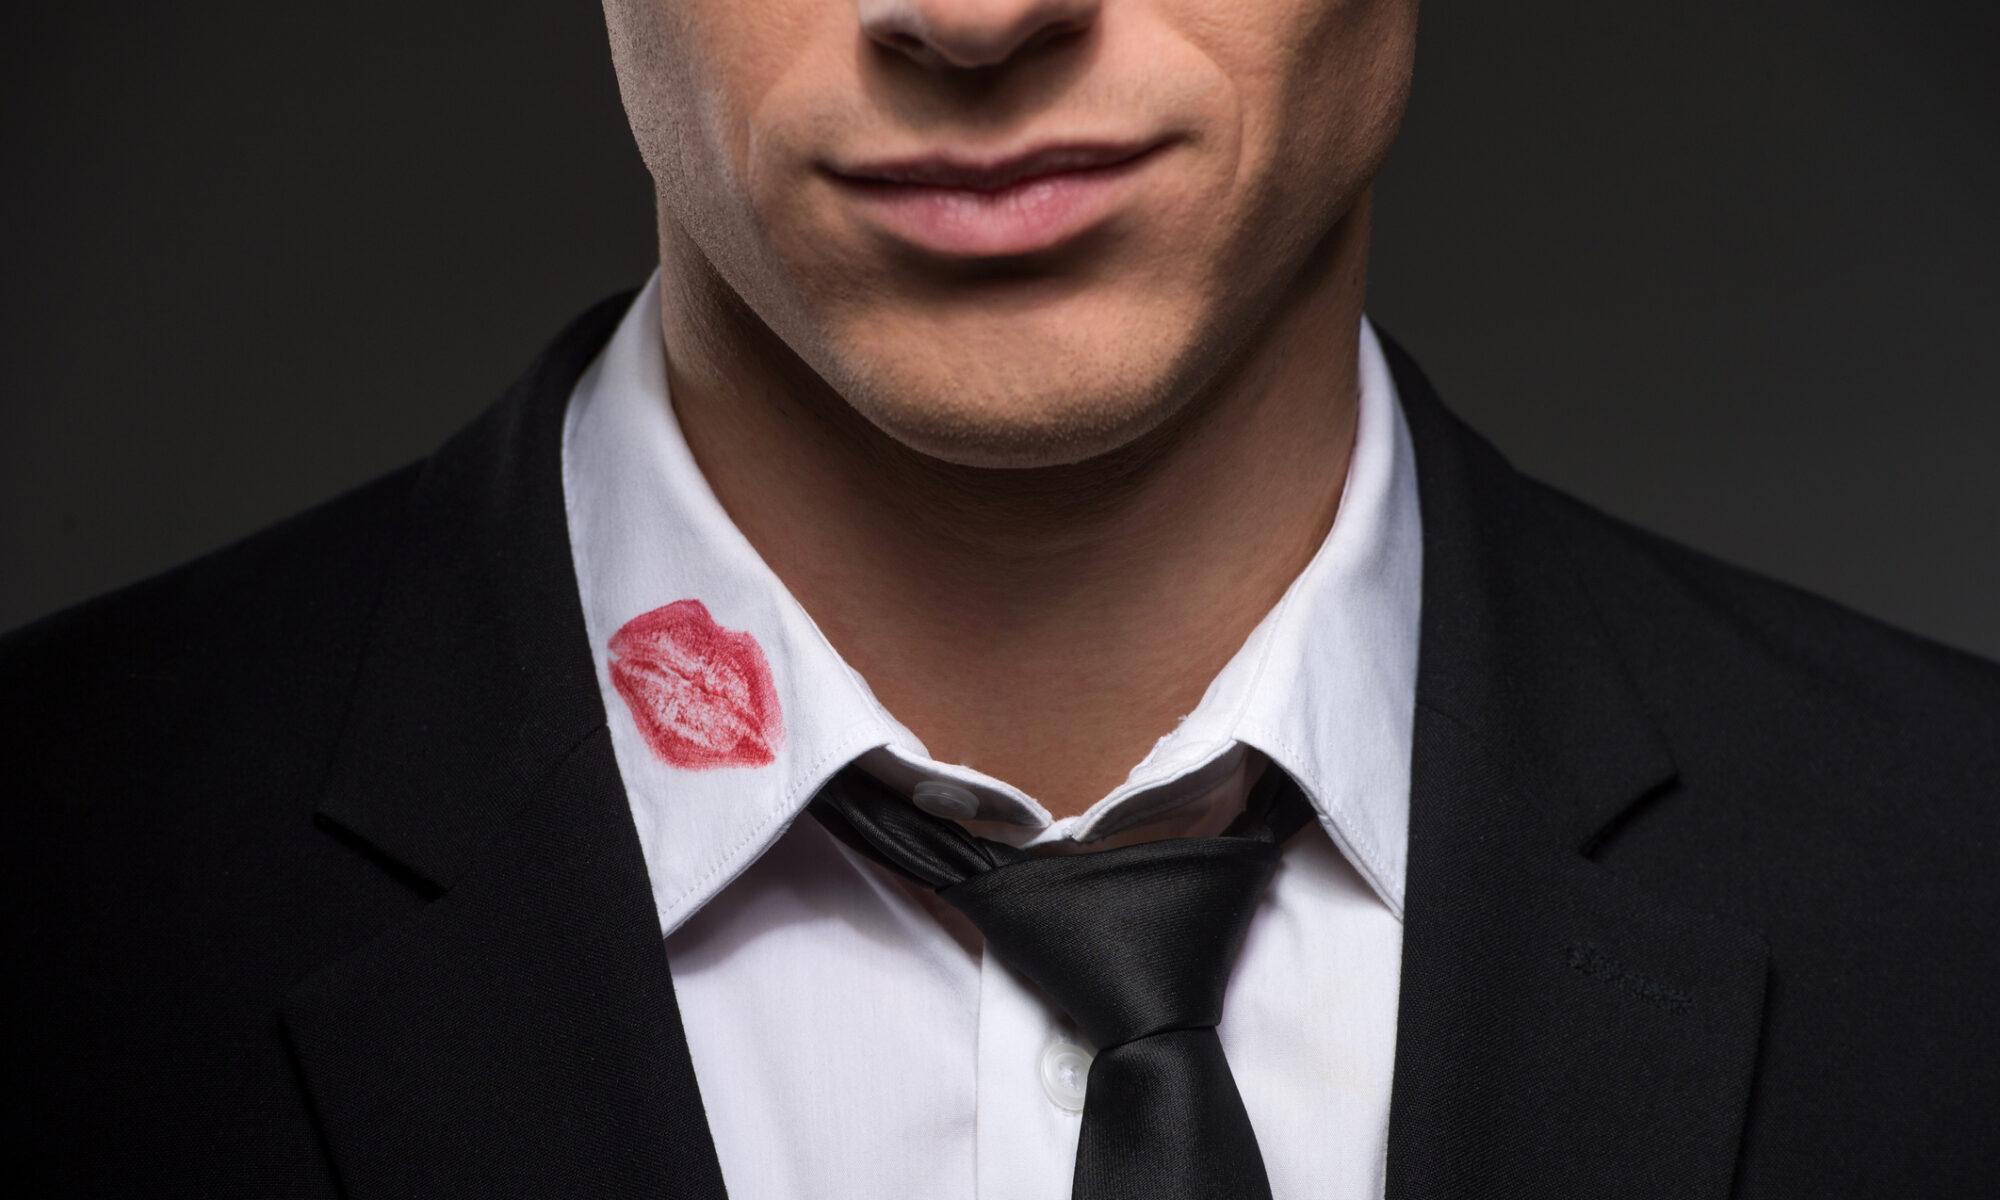 Mann mit Lippenstift am Hemdkragen